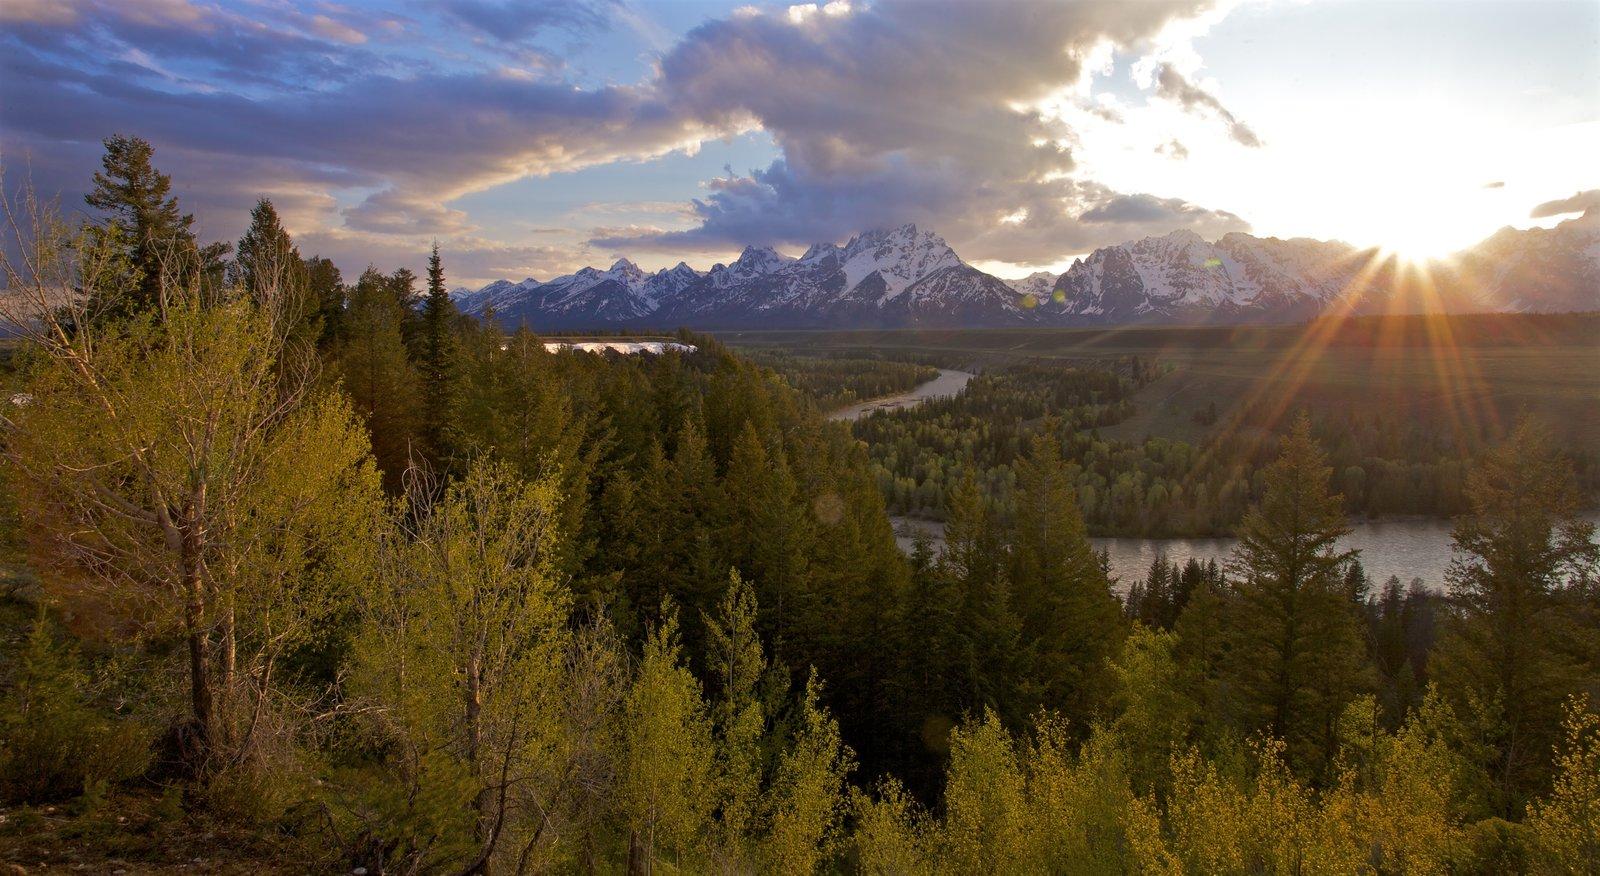 Grand Teton National Park que inclui um pôr do sol, cenas tranquilas e montanhas